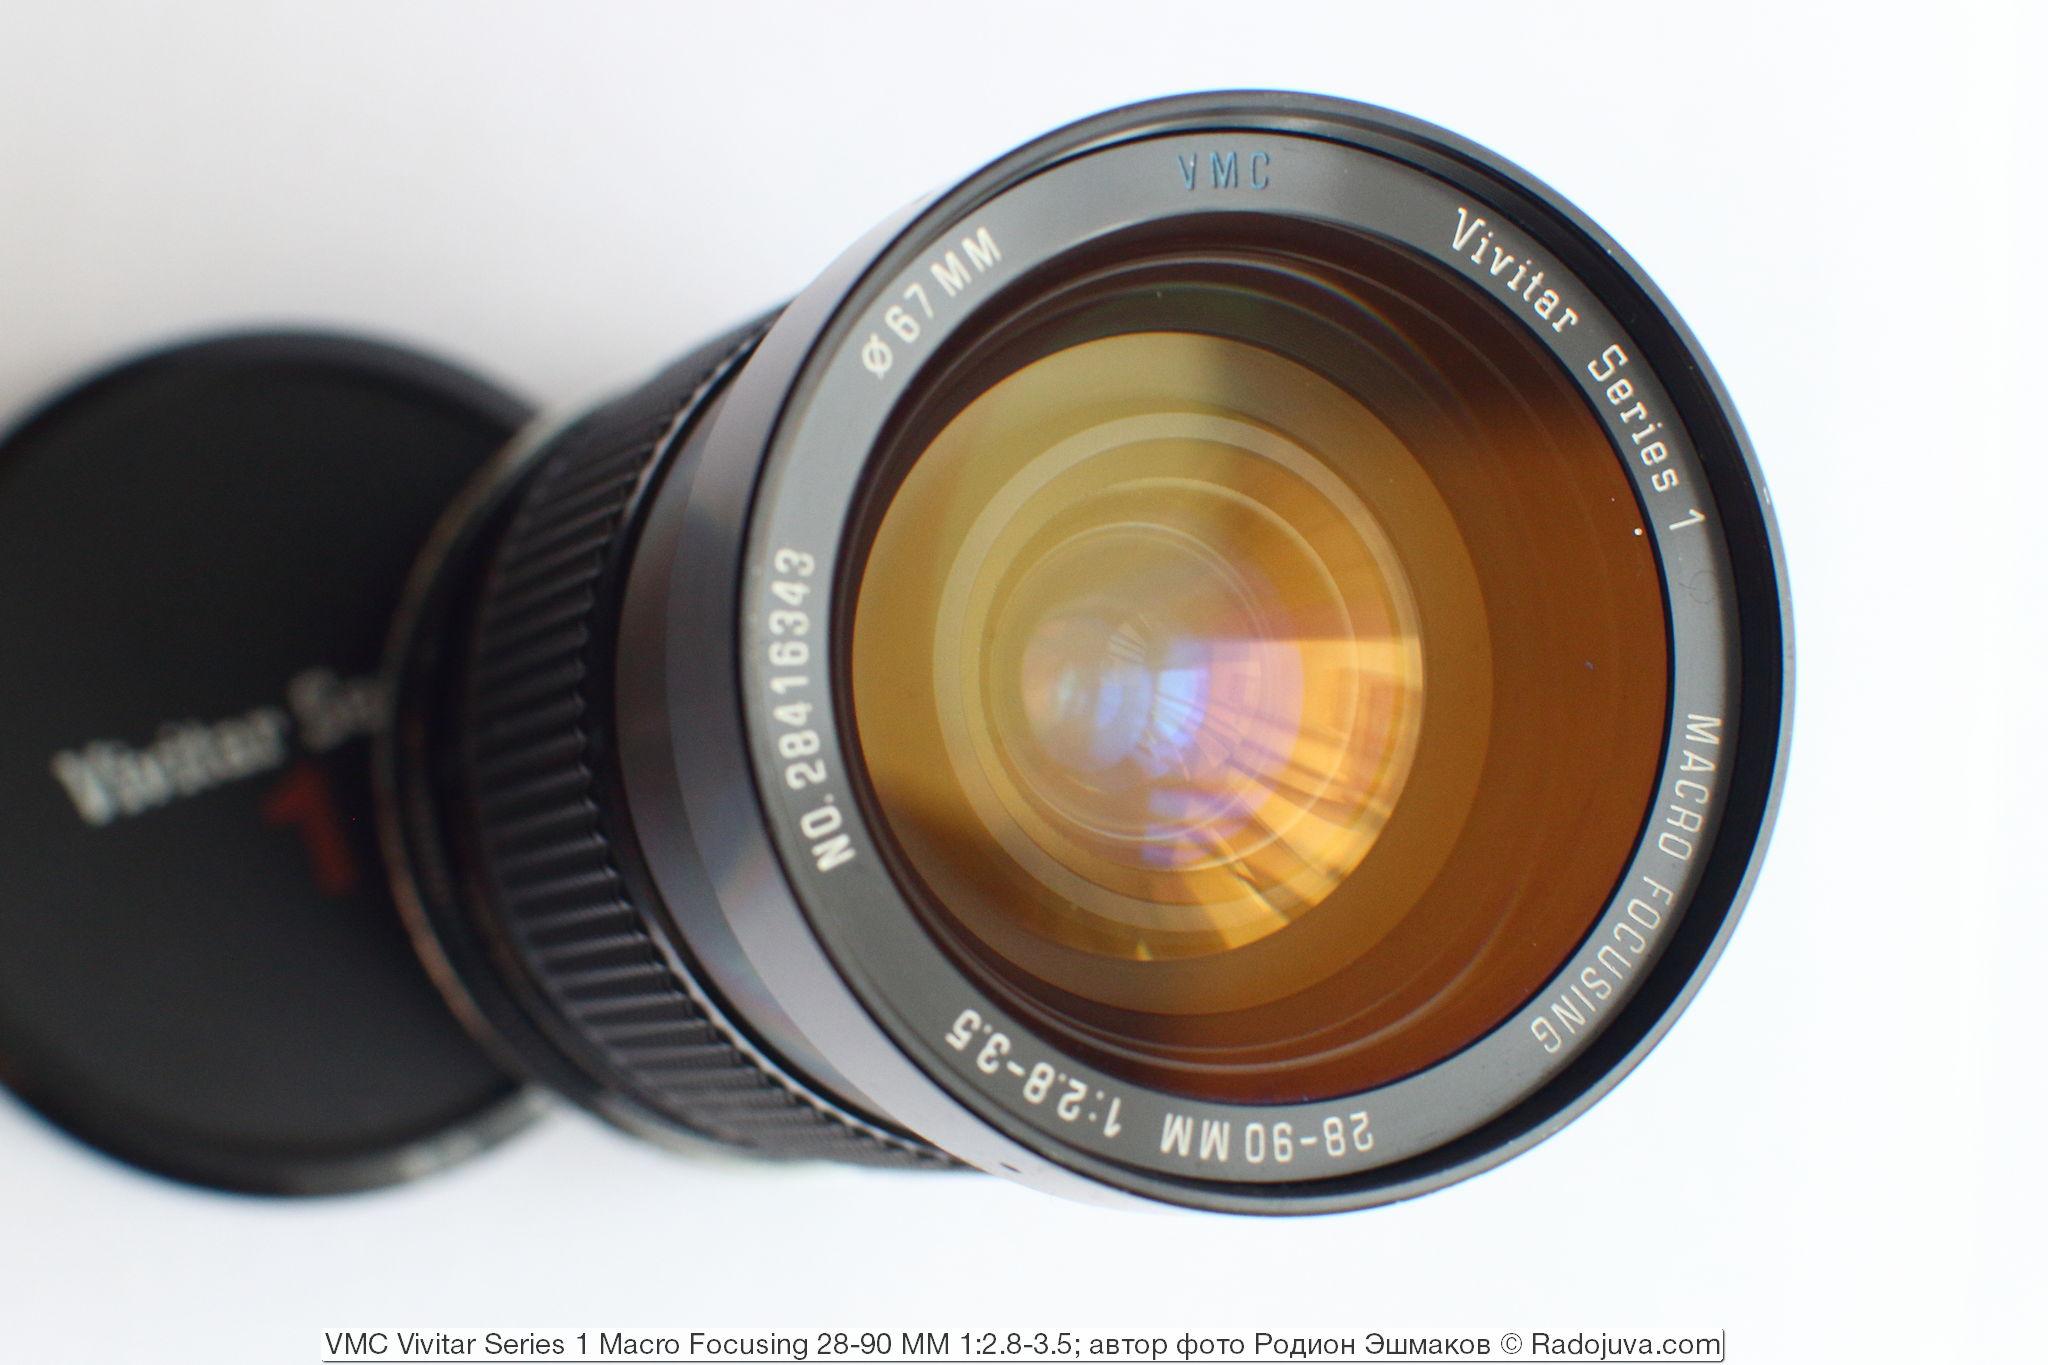 Вид объектива со стороны передней линзы при ФР 28 мм.